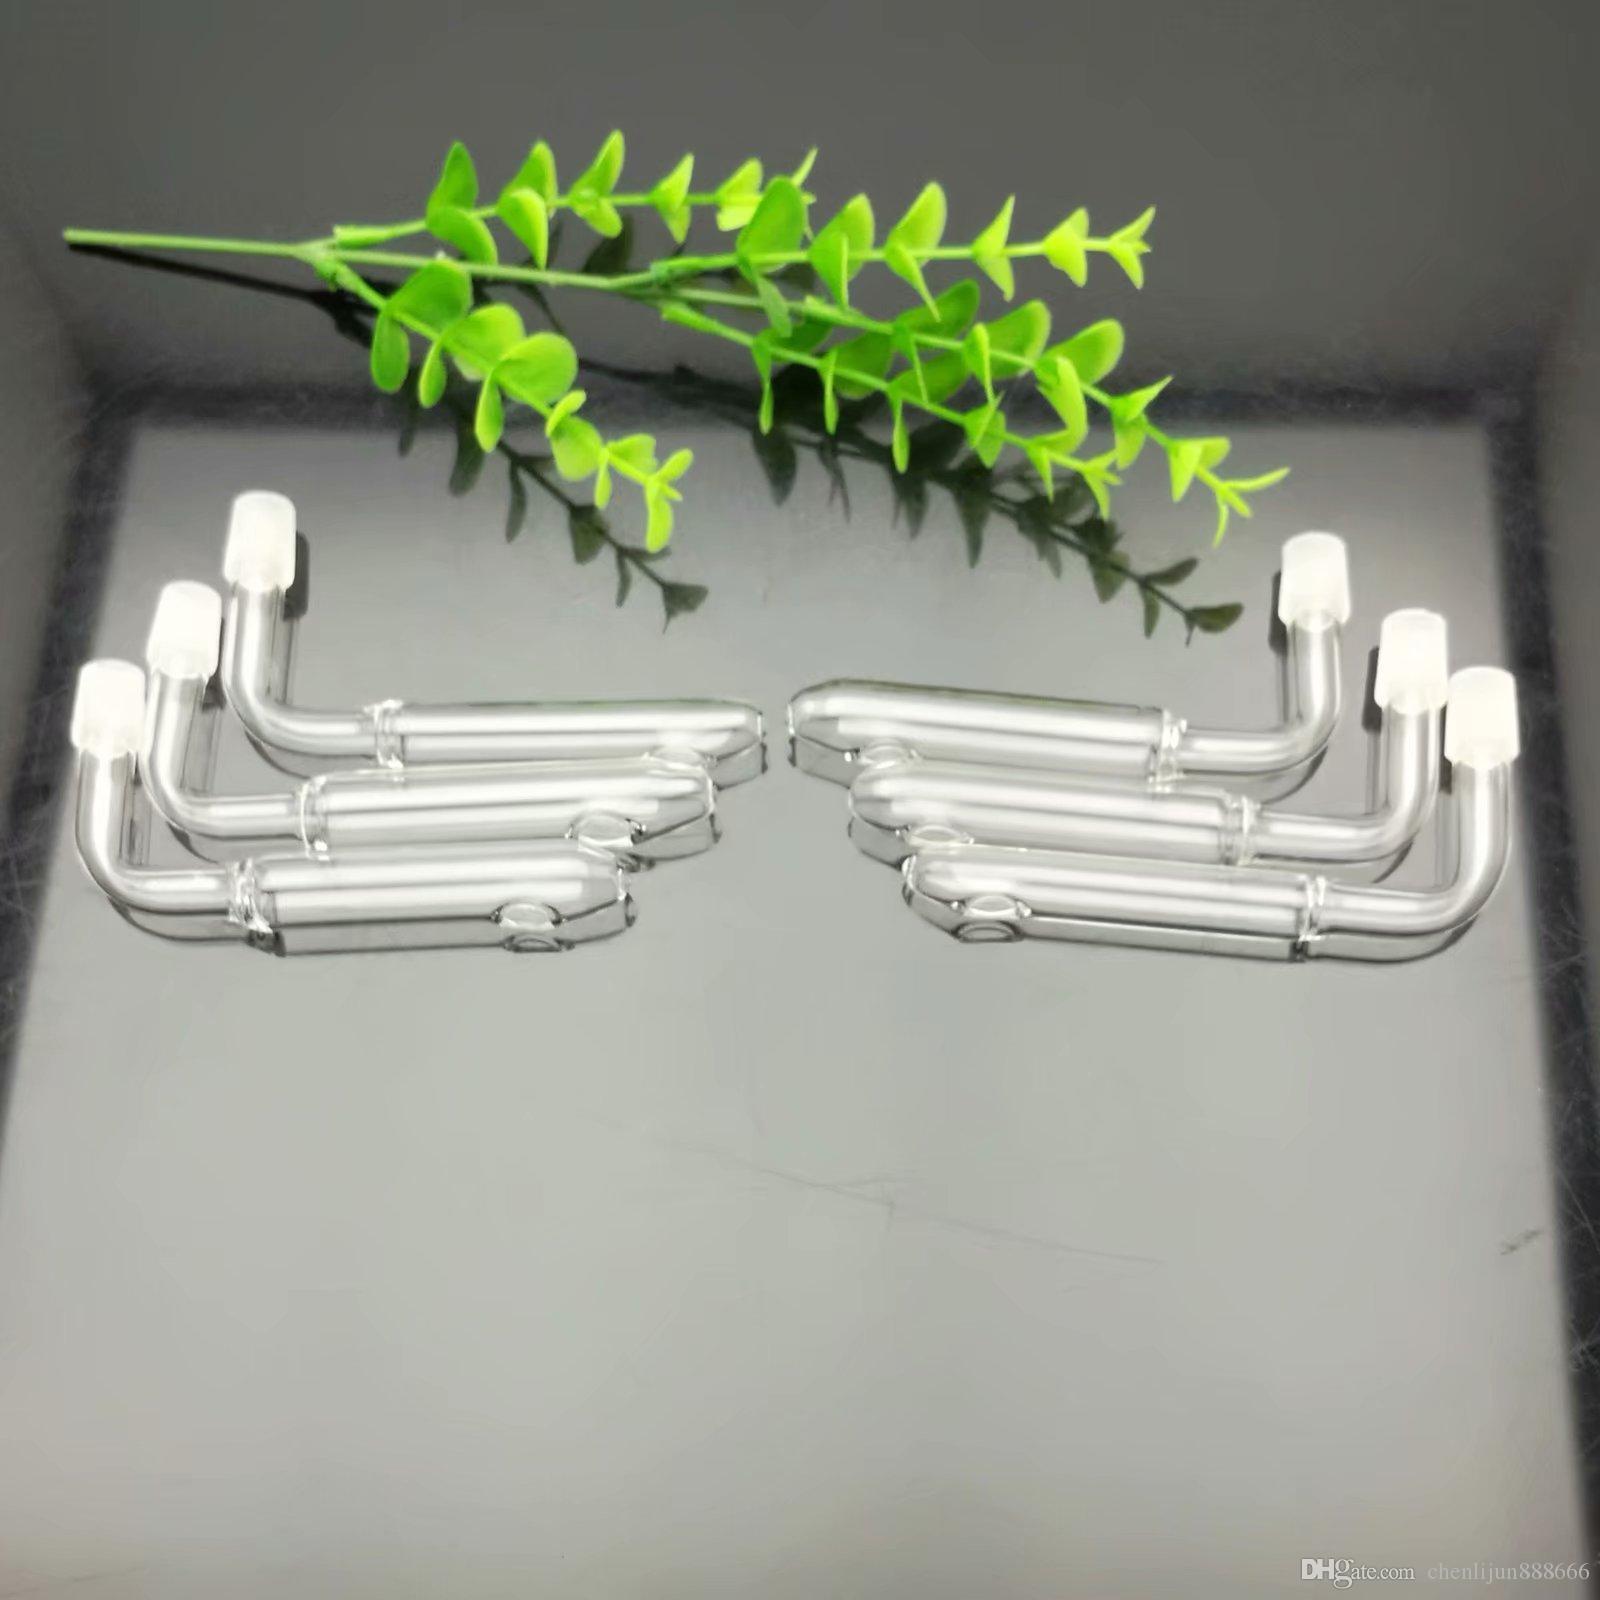 Nuevo tipo Bandeja y plato de vidrio Accesorios de humo de doble uso Cachimba de agua de vidrio Manija Tubos tubos para fumar Envío de alta calidad